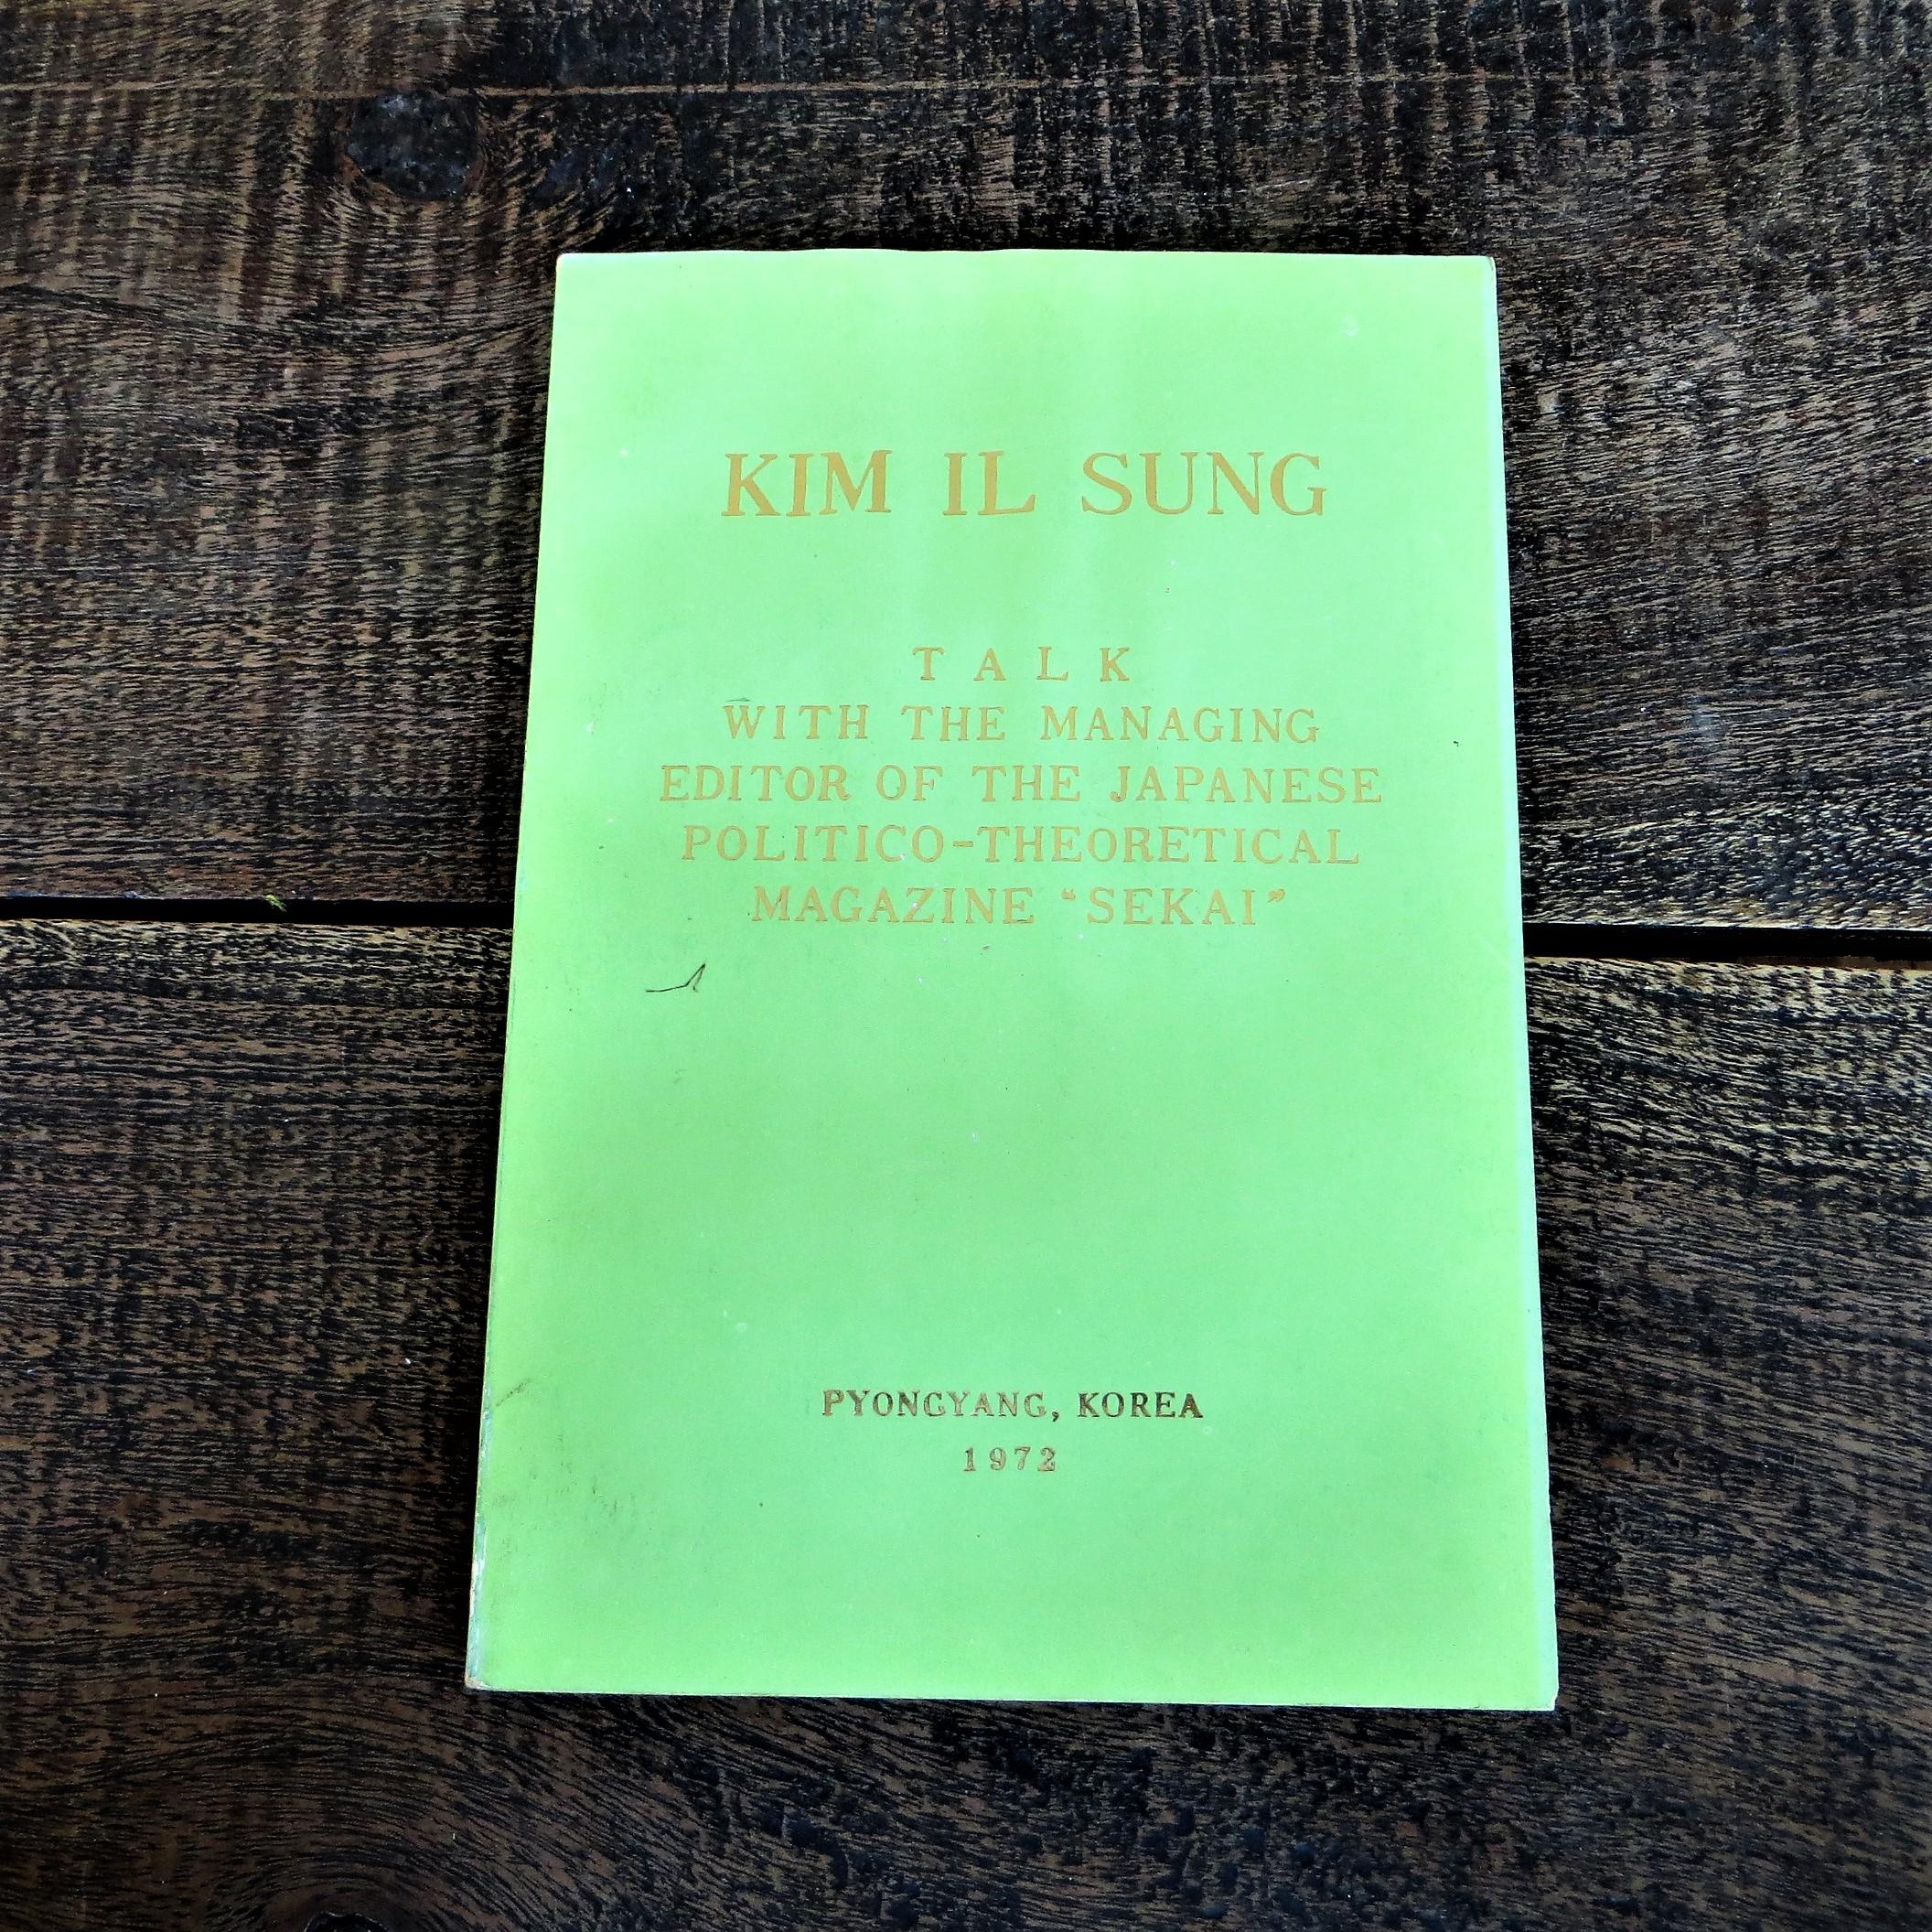 book-north-korea-kim-il-sung-1-2